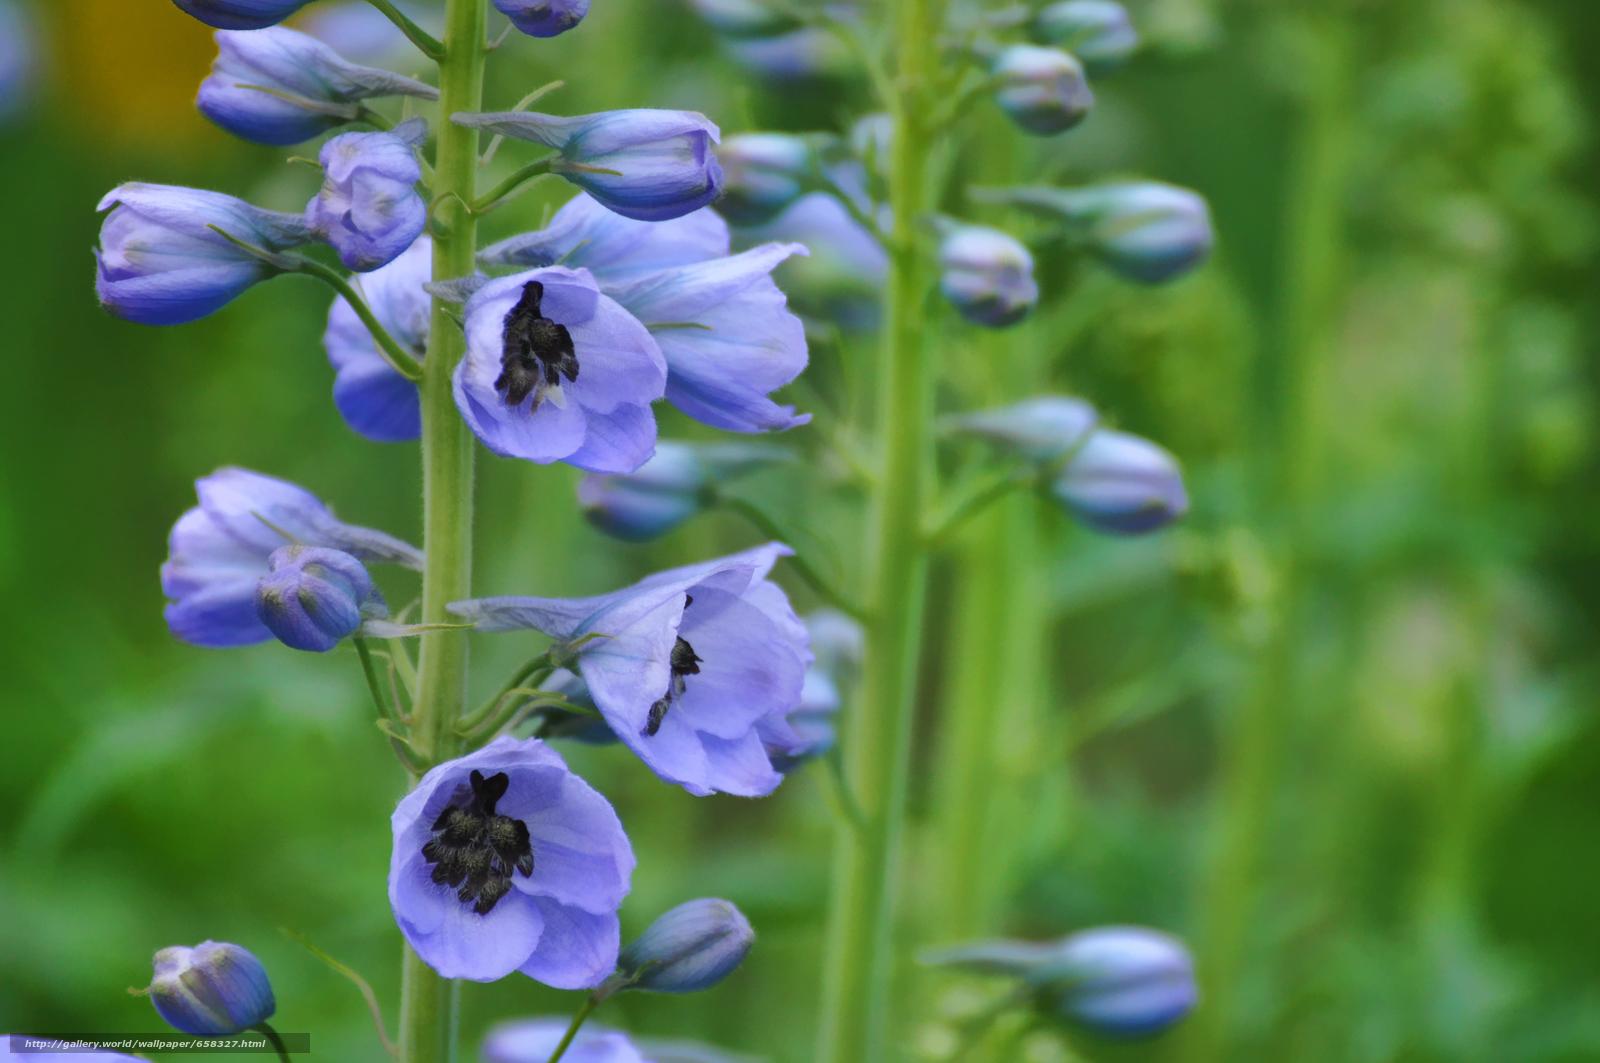 Скачать обои цветок,  цветы,  флора бесплатно для рабочего стола в разрешении 4288x2848 — картинка №658327